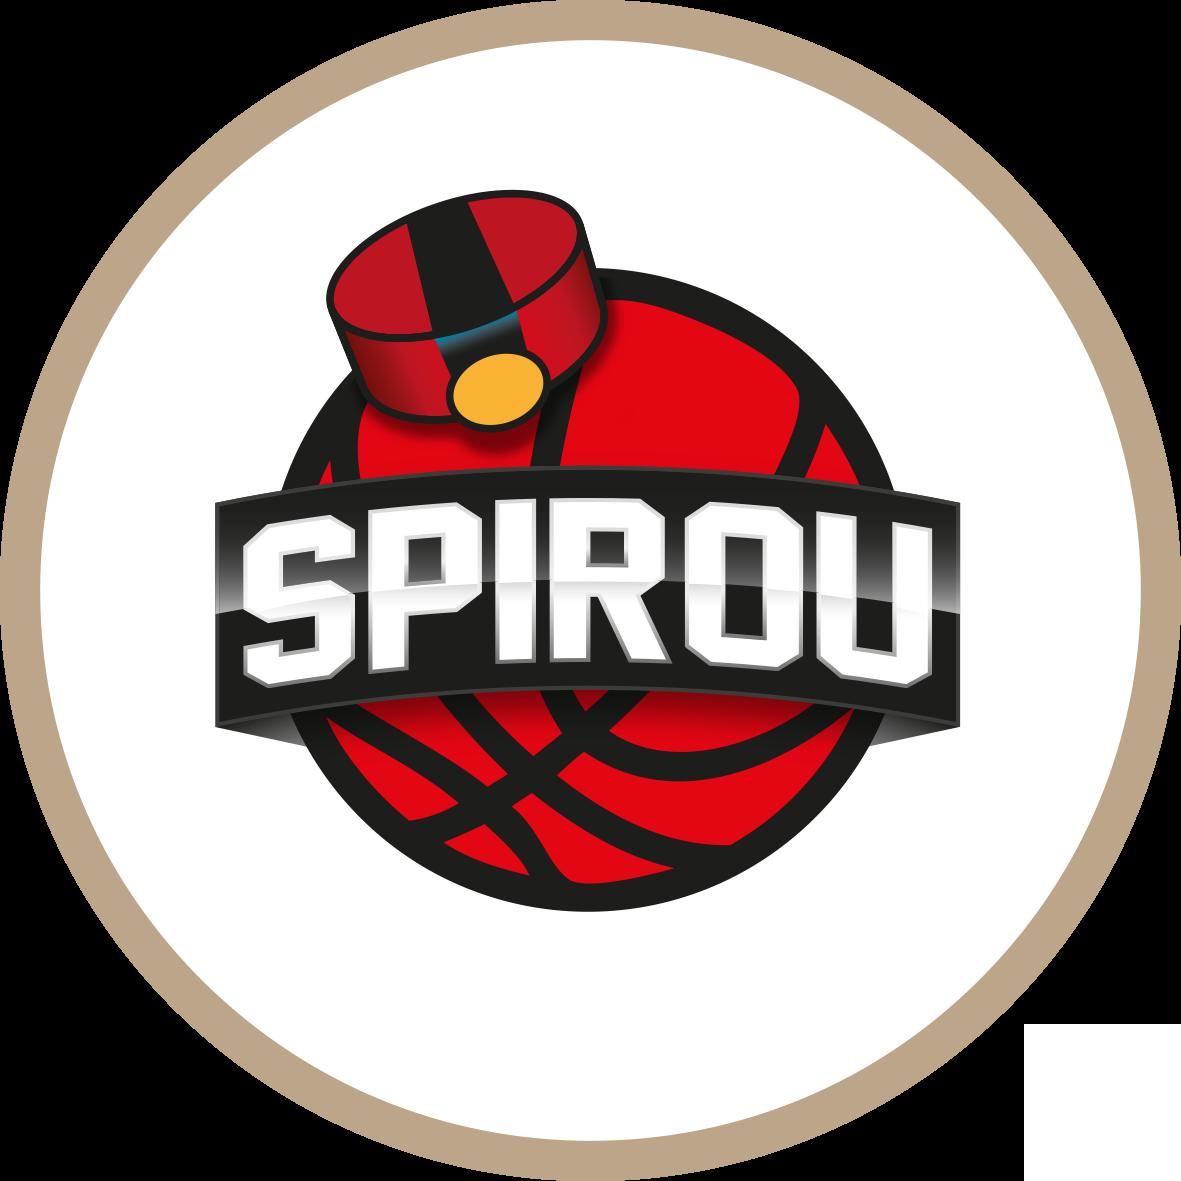 Proximus Spirou Charleroi Charleroi